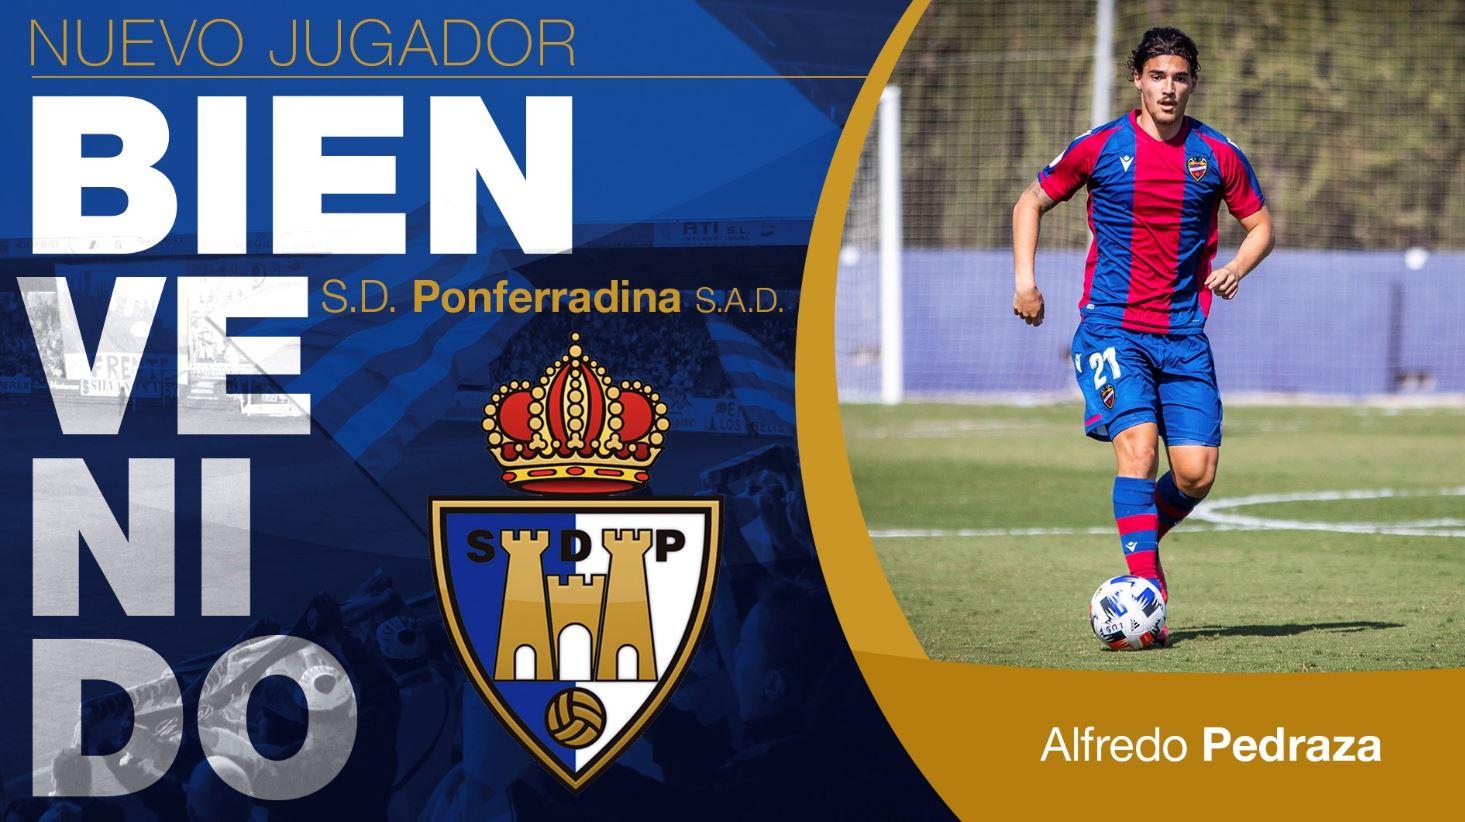 El central Alfredo Pedraza, nuevo jugador de la SD Ponferradina 1